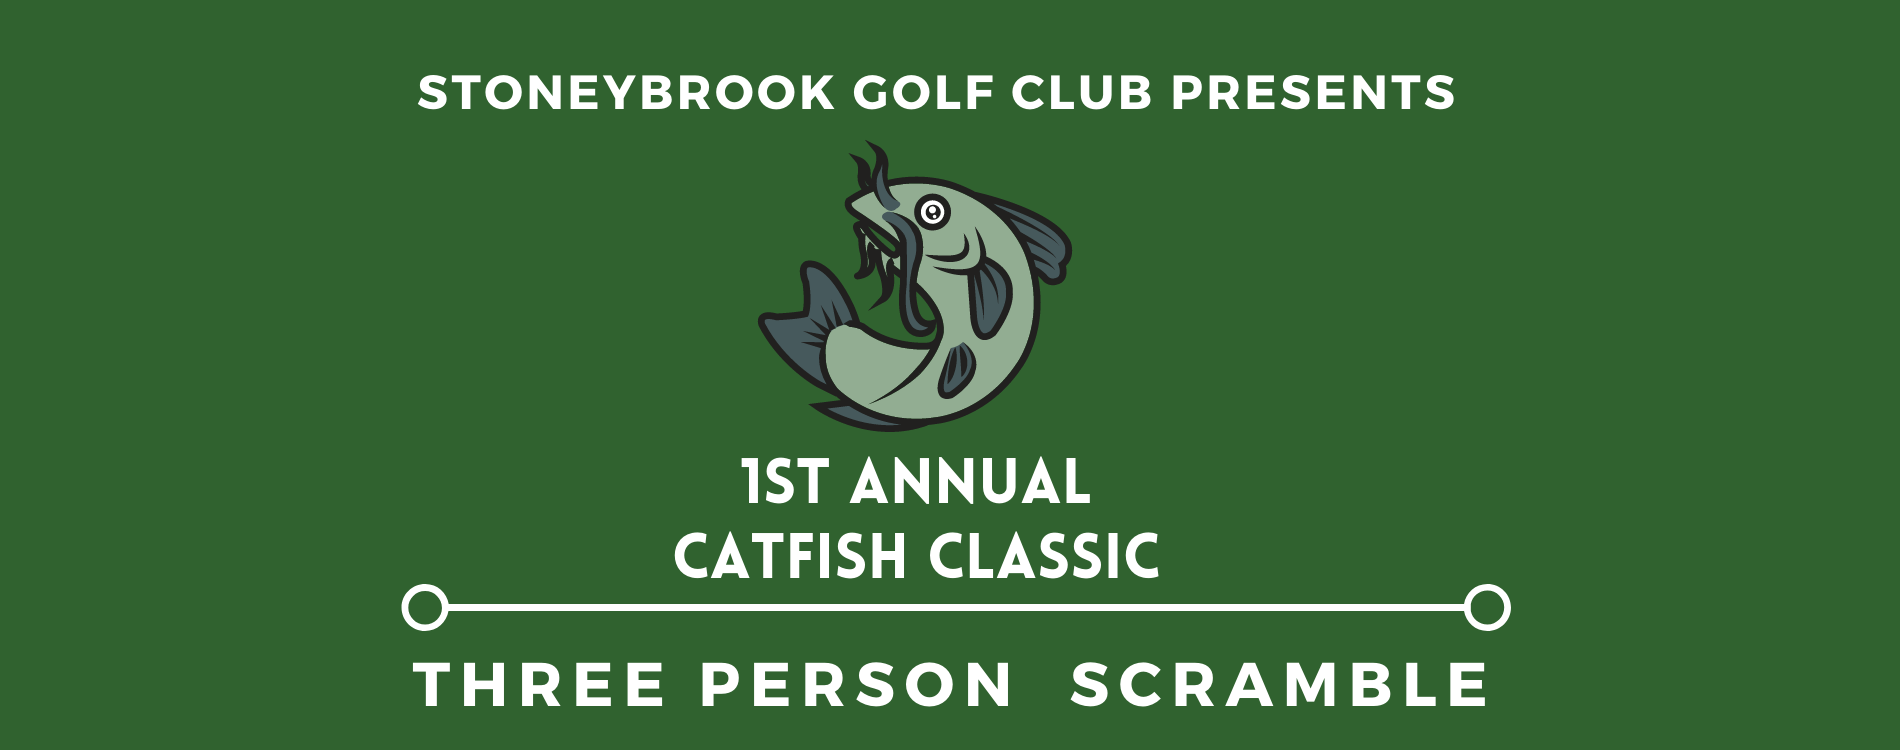 1st Annual Catfish Classic